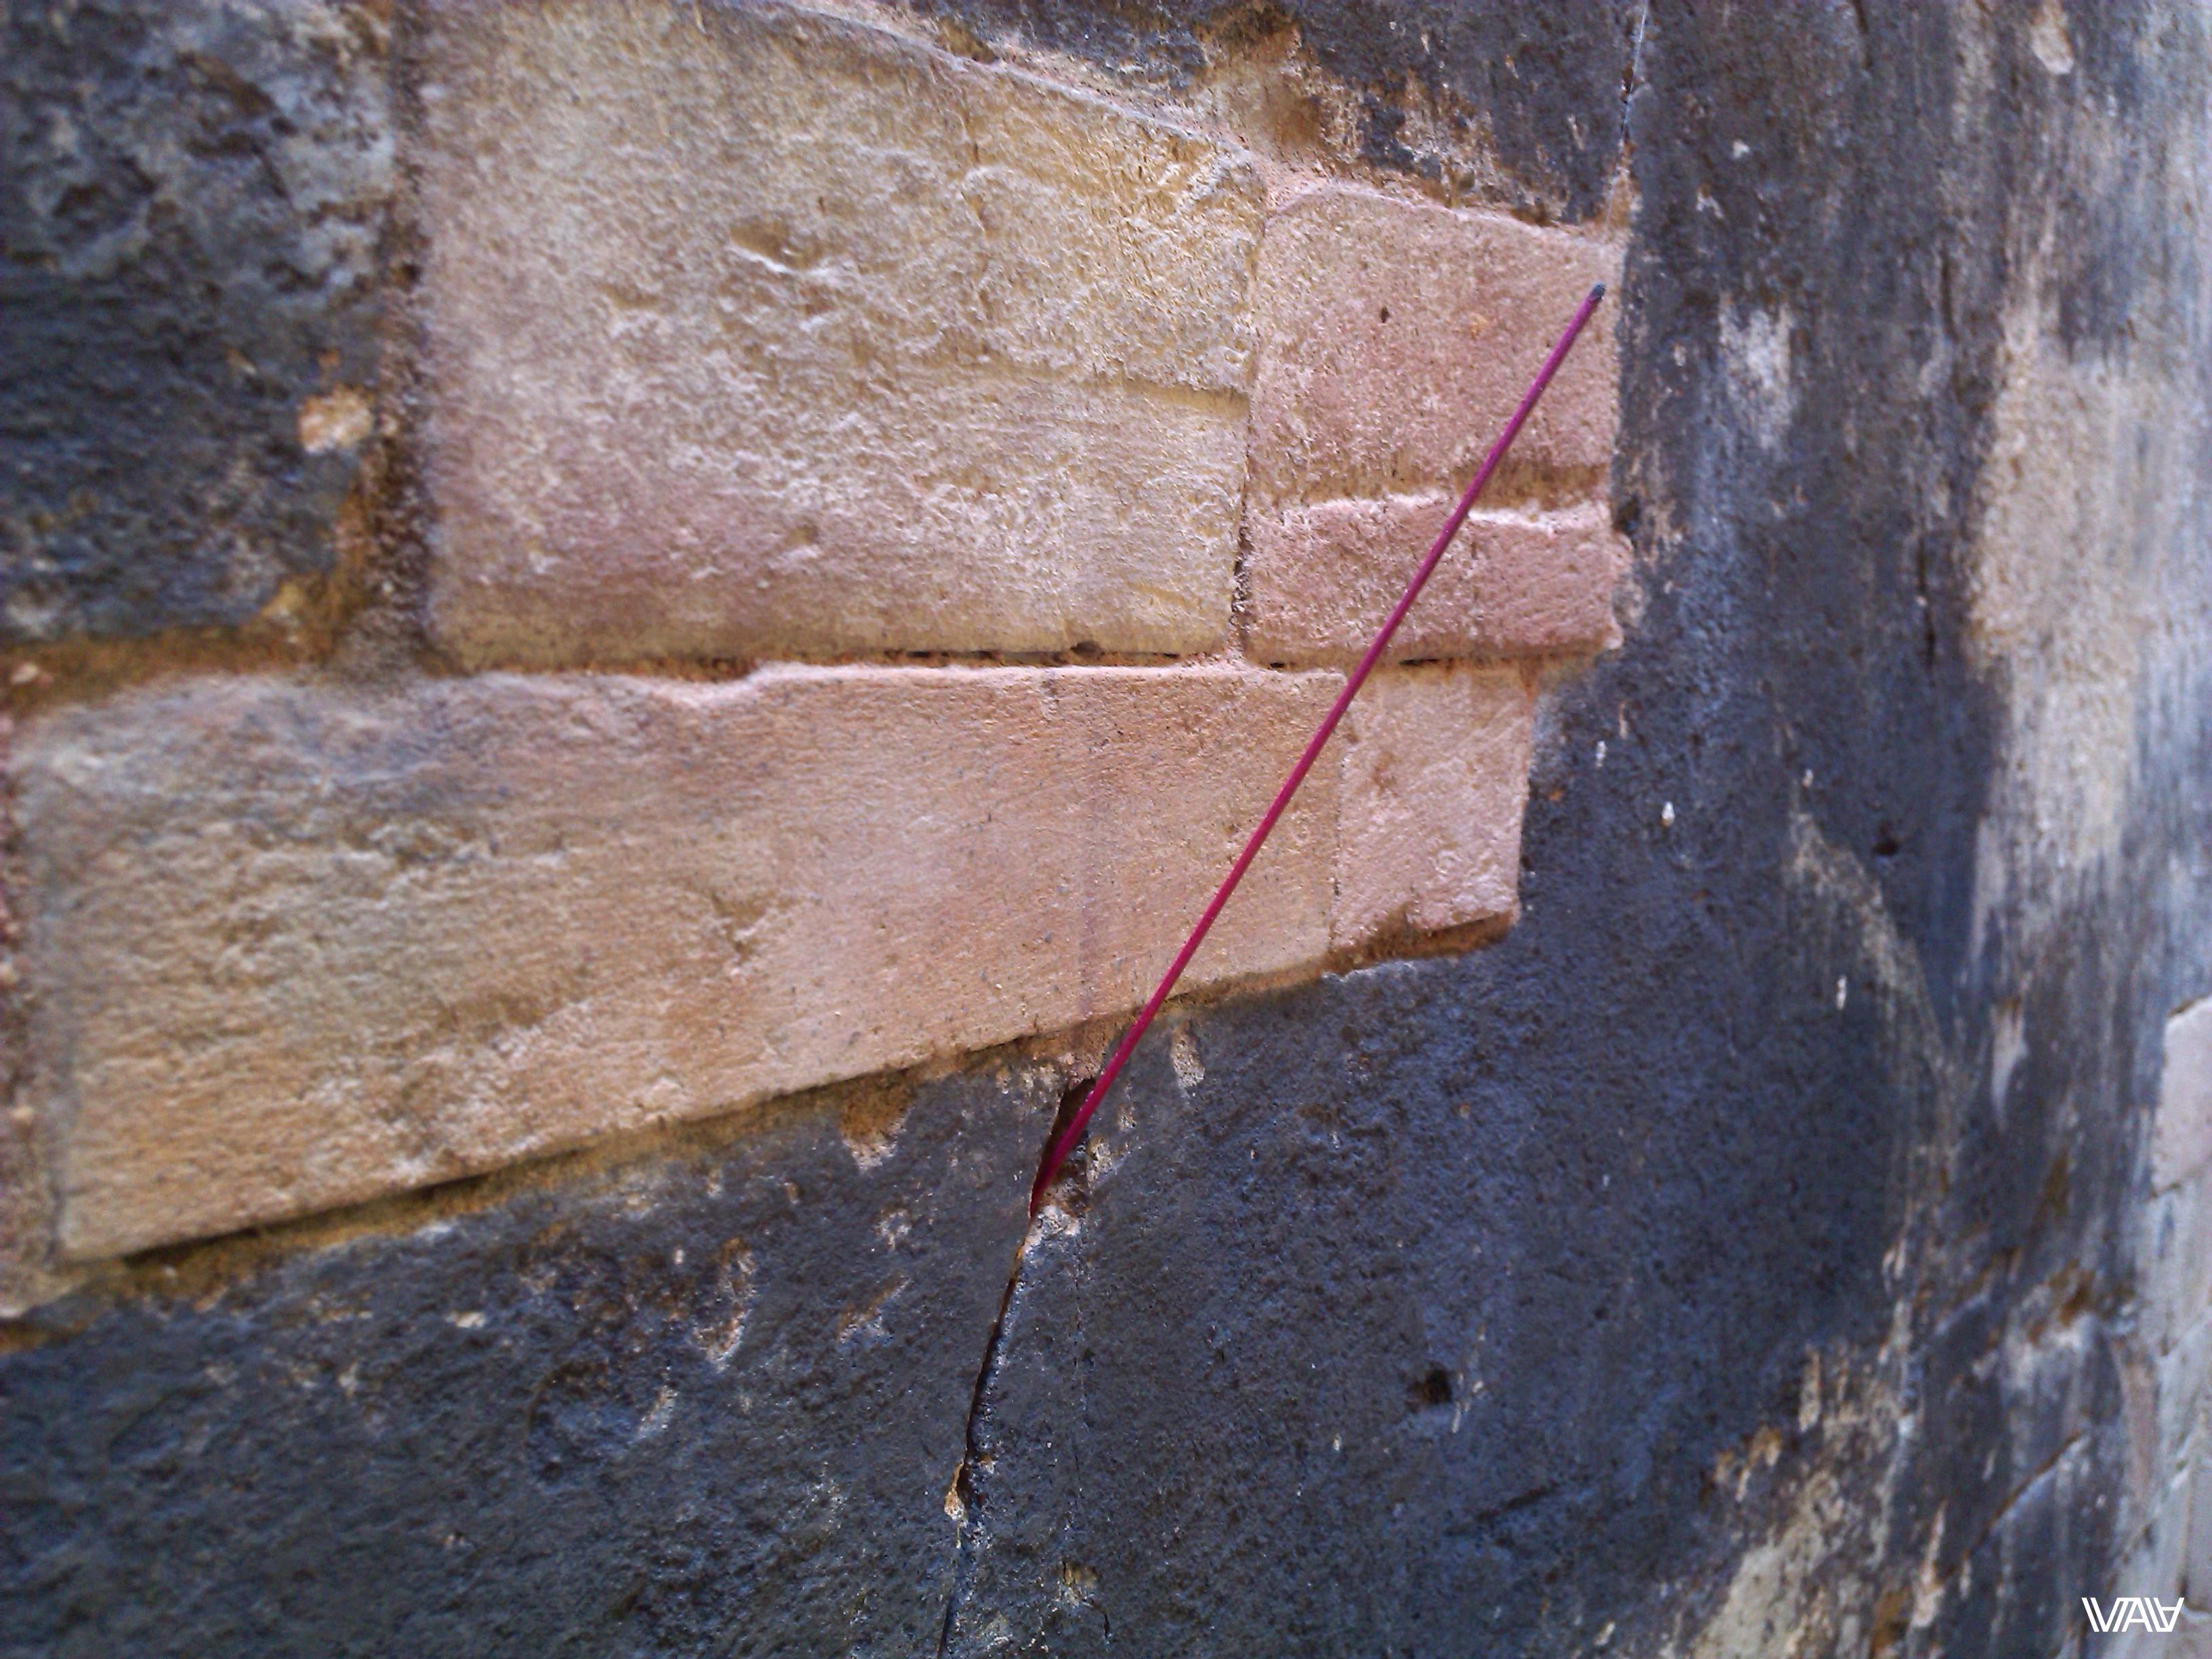 Красной нитью идет реконструкция по всему священному городу. Хотелось бы больше старины в древности... Прасат Краван, Ангкор, Камбоджа